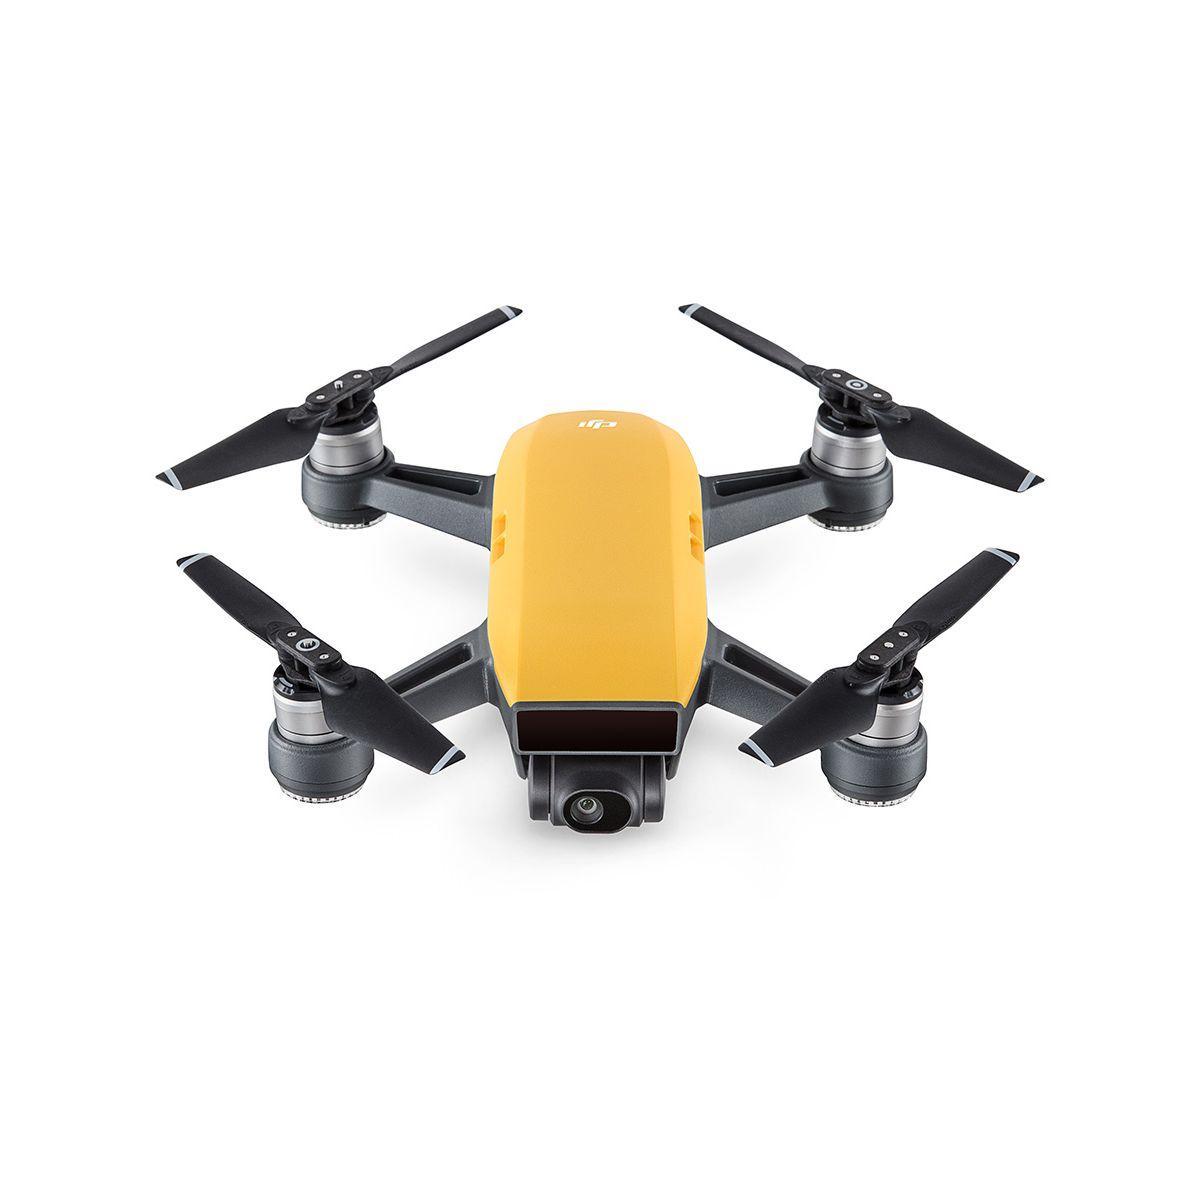 Drones dji spark jaune - 10% de remise imm�diate avec le code : paques10 (photo)